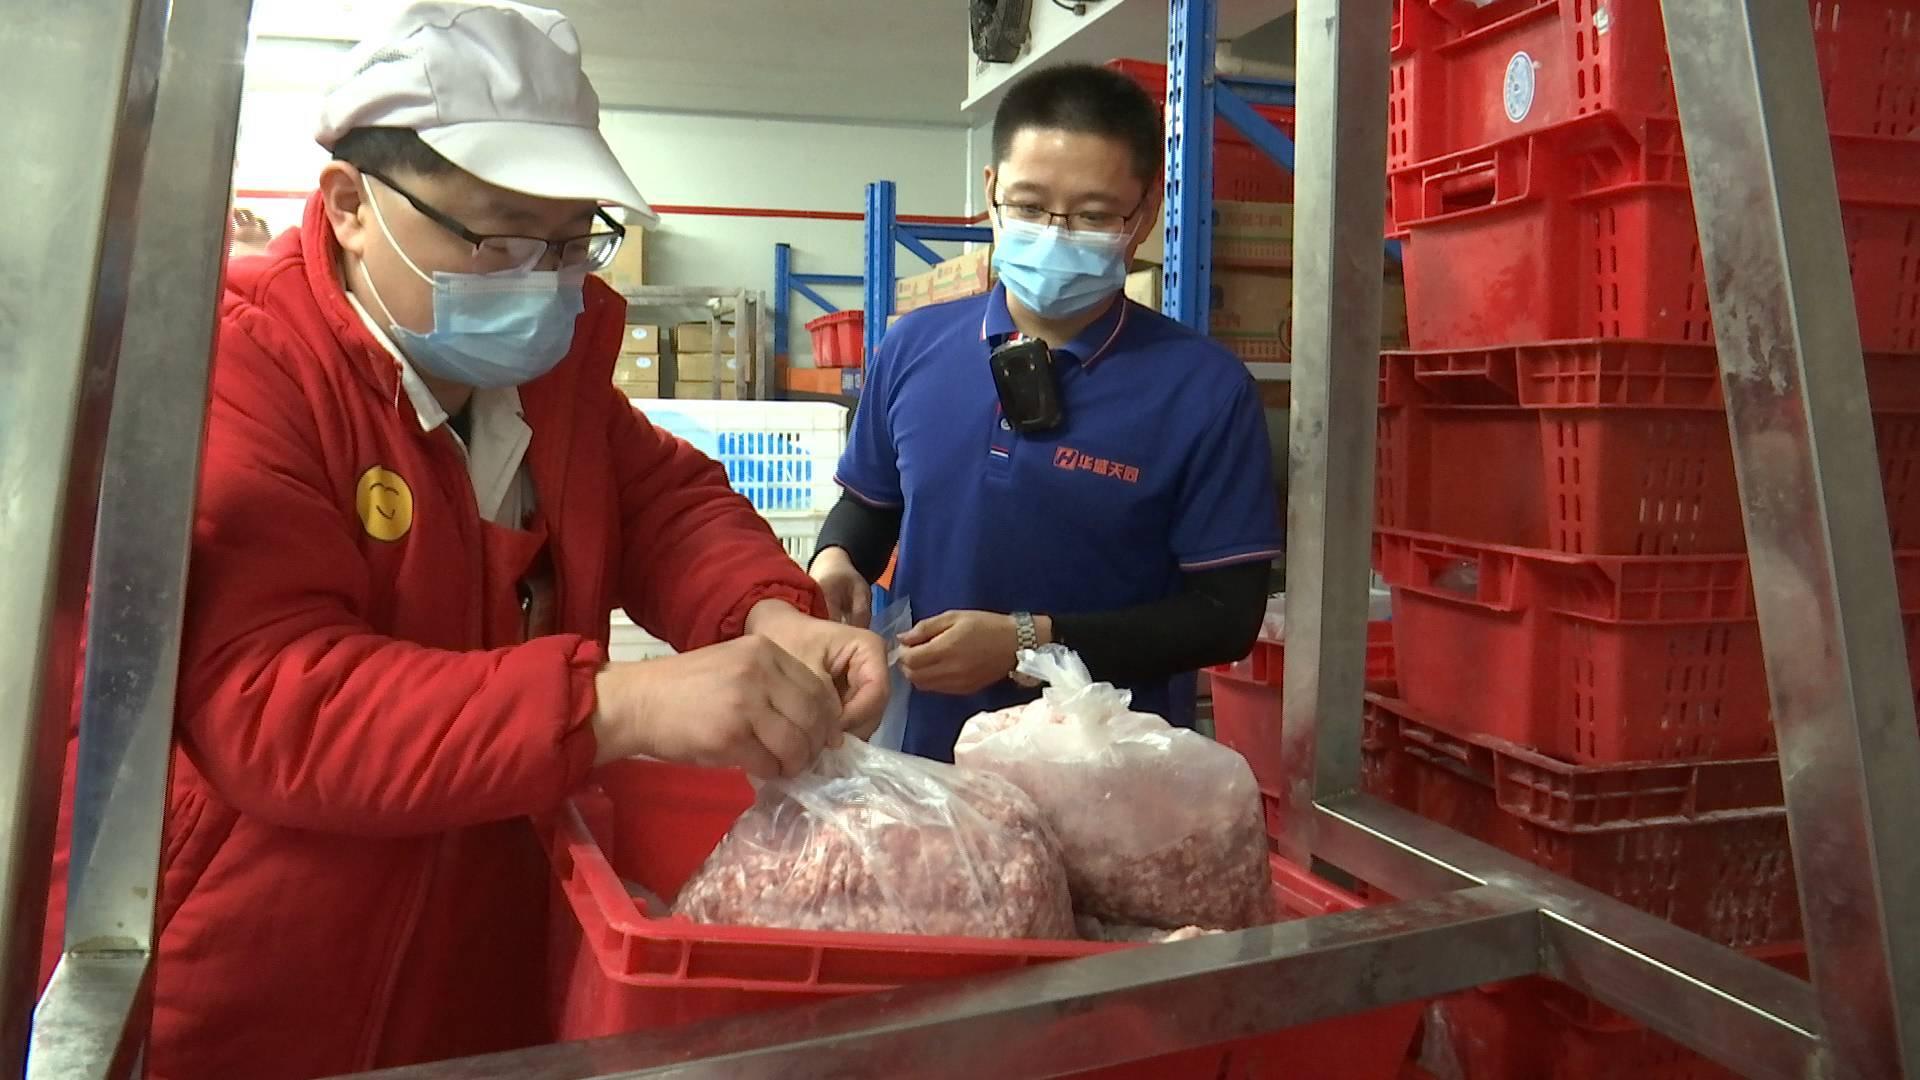 济南市场监管部门依法调查大润发省博店涉嫌违法销售肉品问题 3天前曾约谈大润发